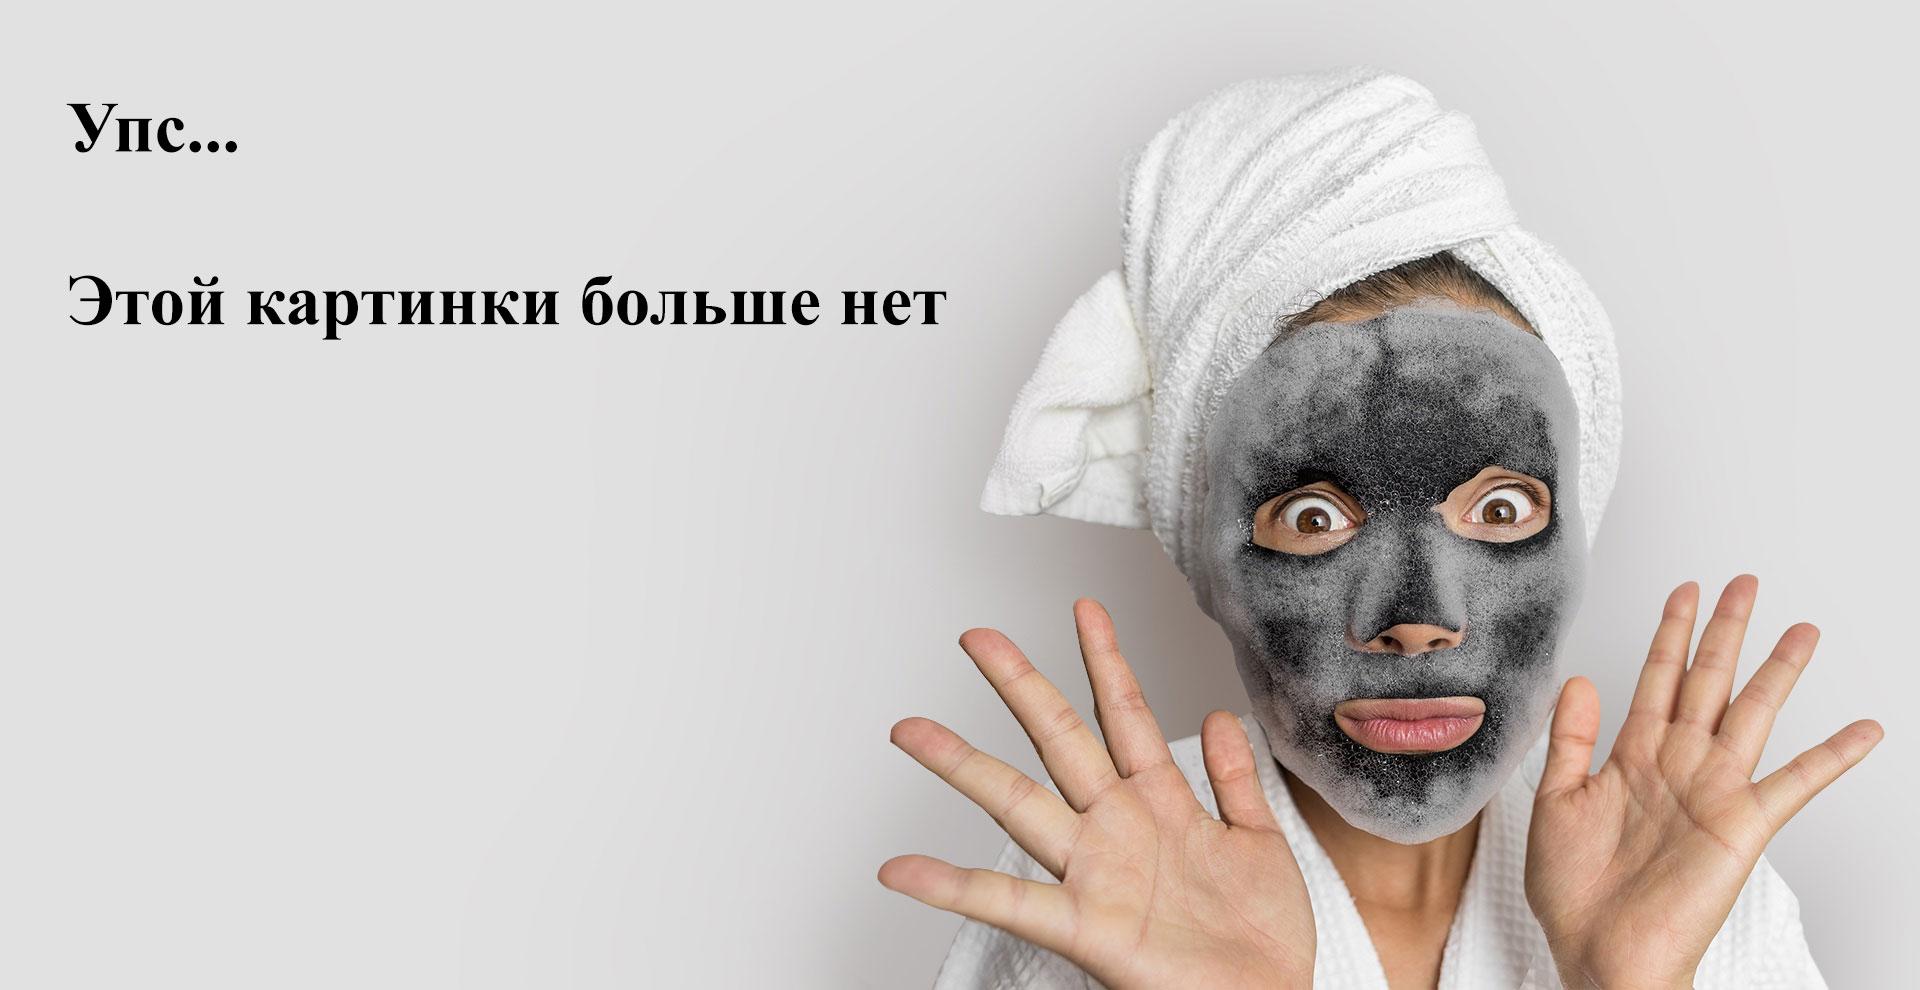 Italwax, Восковые полоски Solo для лица с ароматом Дамасской розы, 12 шт.